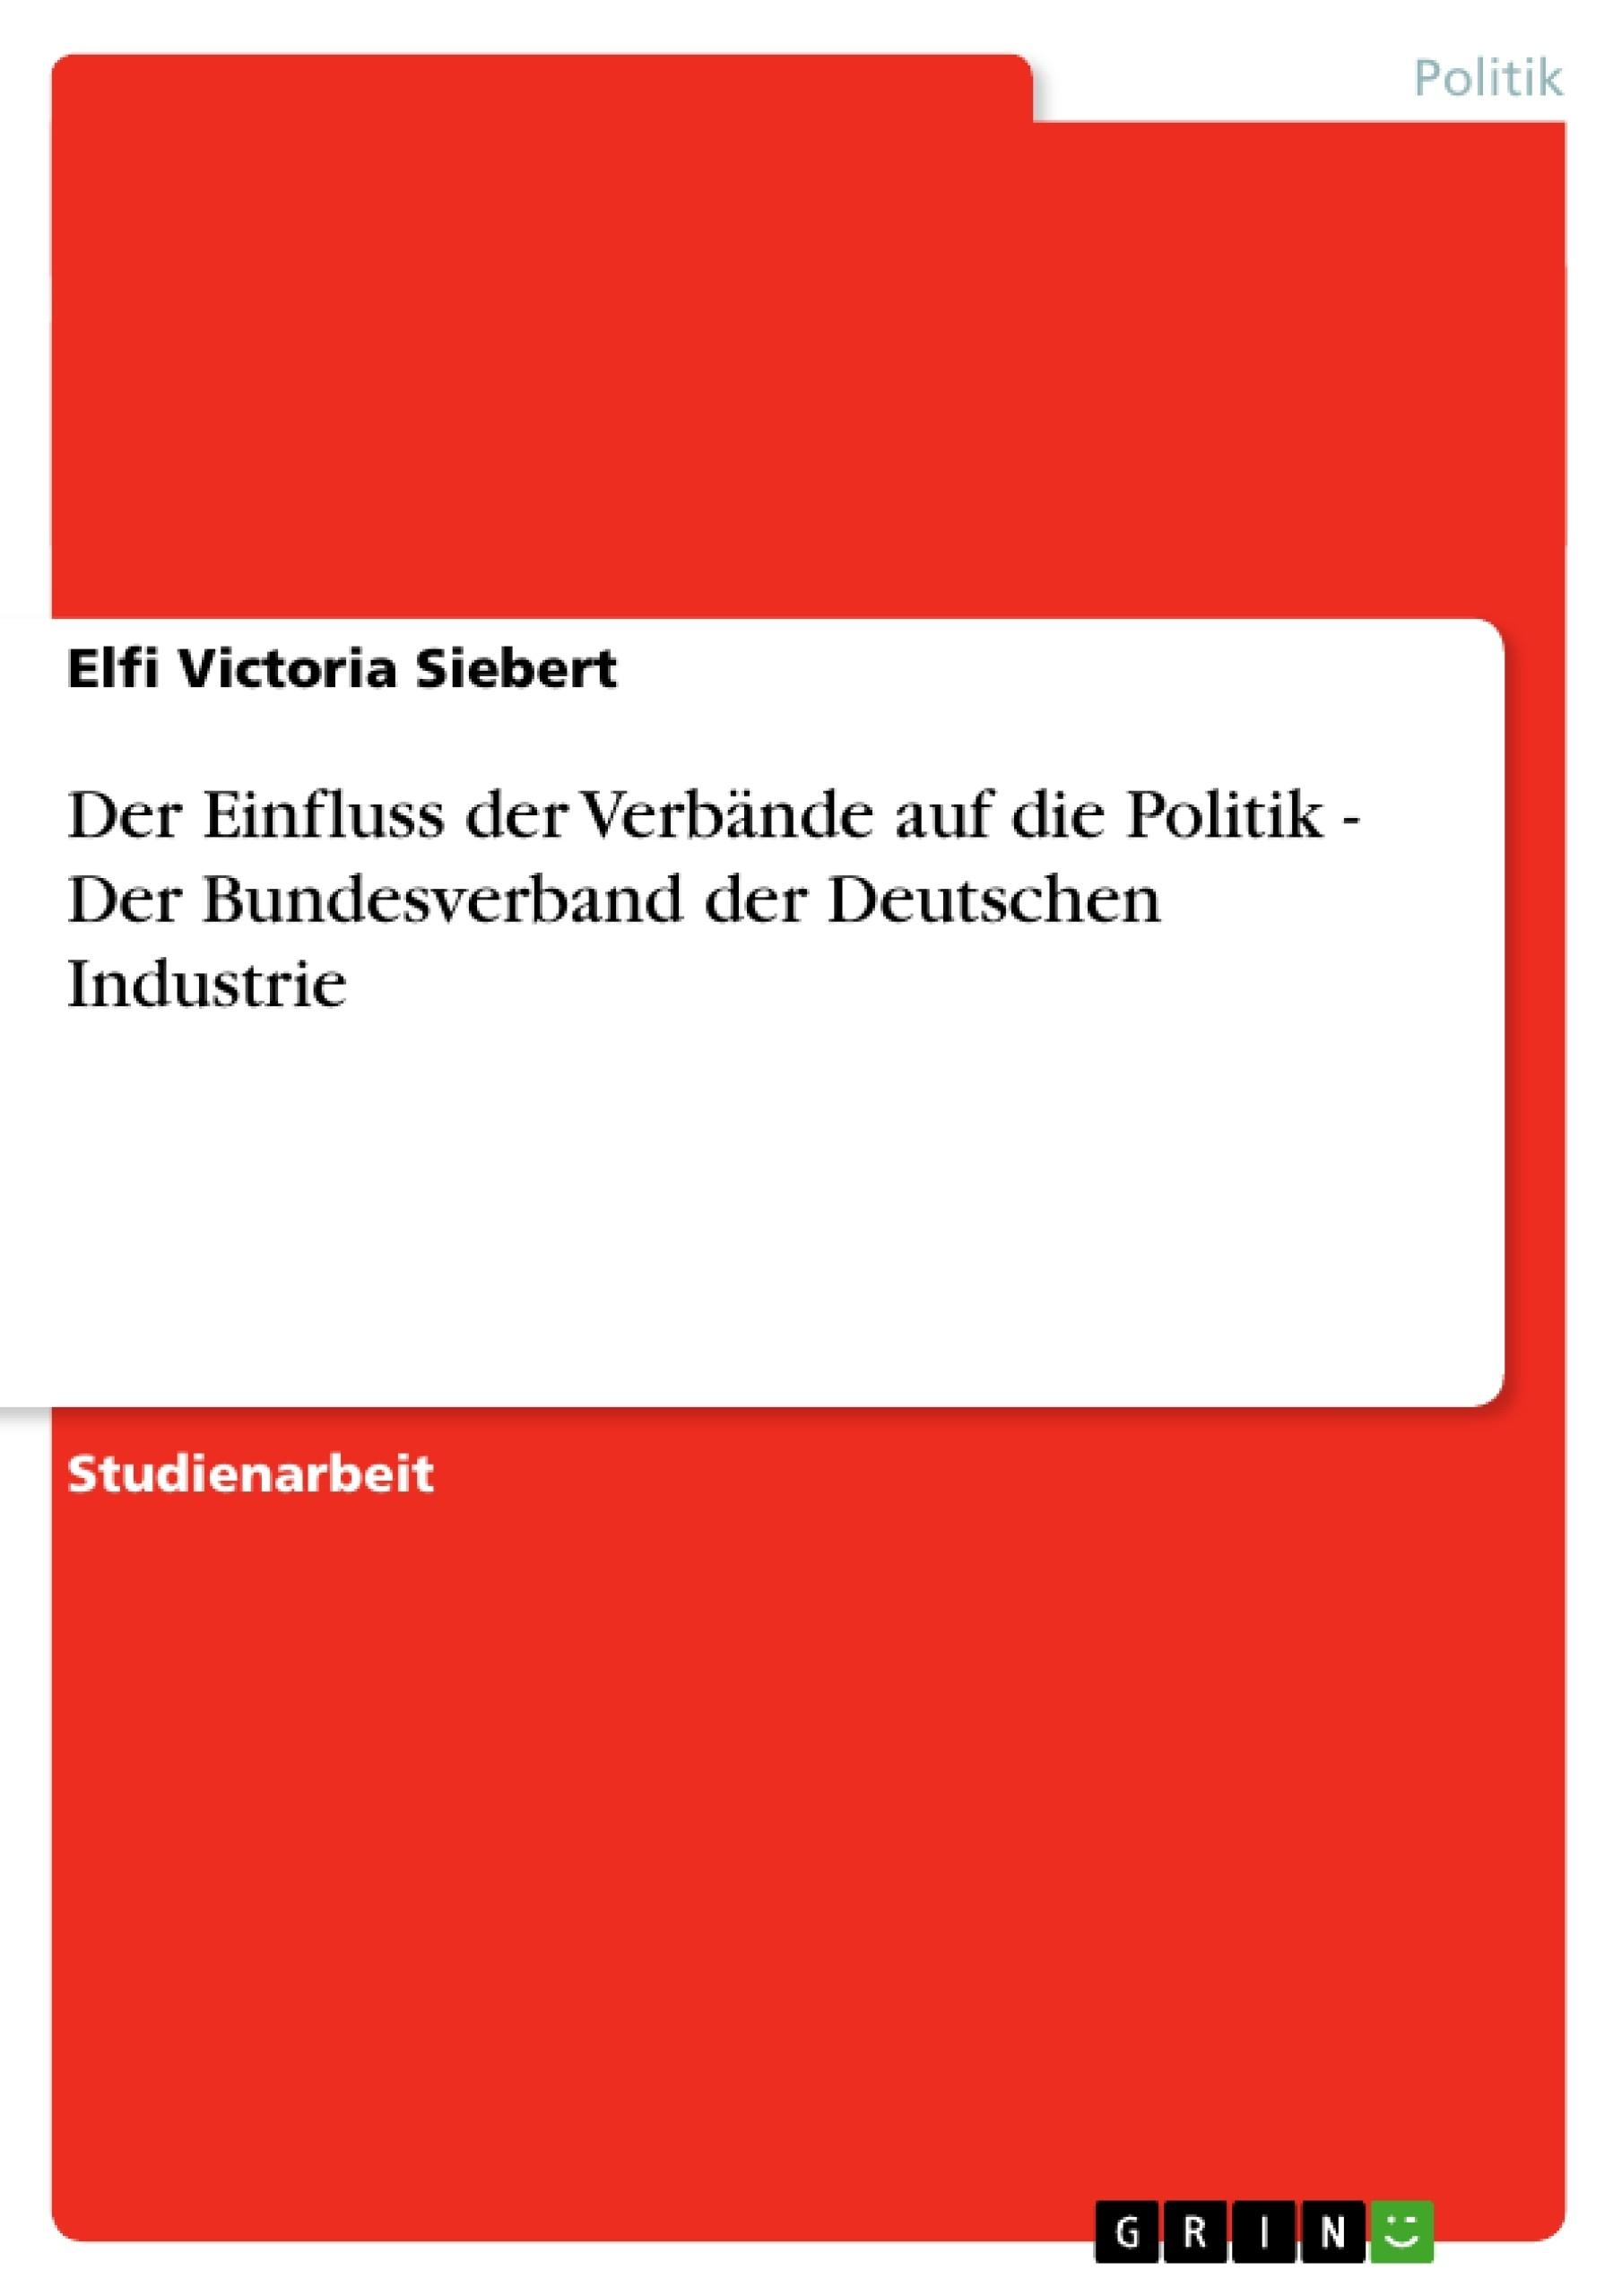 Titel: Der Einfluss der Verbände auf die Politik - Der Bundesverband der Deutschen Industrie